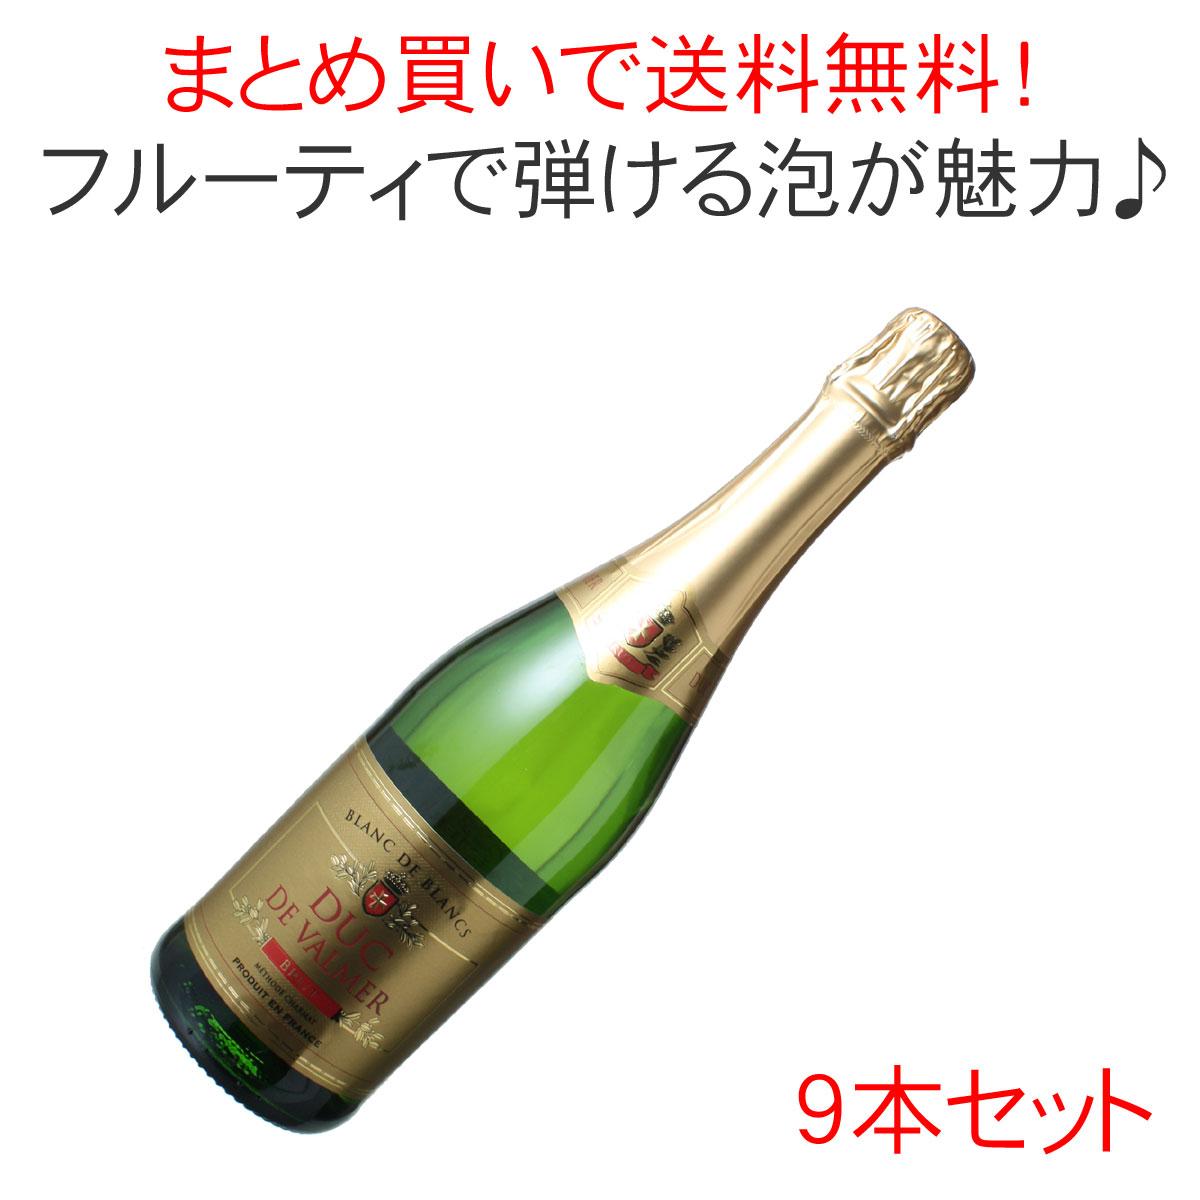 【送料無料】ブリュット NV デュック・ド・ヴァルメール 1ケース9本セット <白> <ワイン/スパークリング>